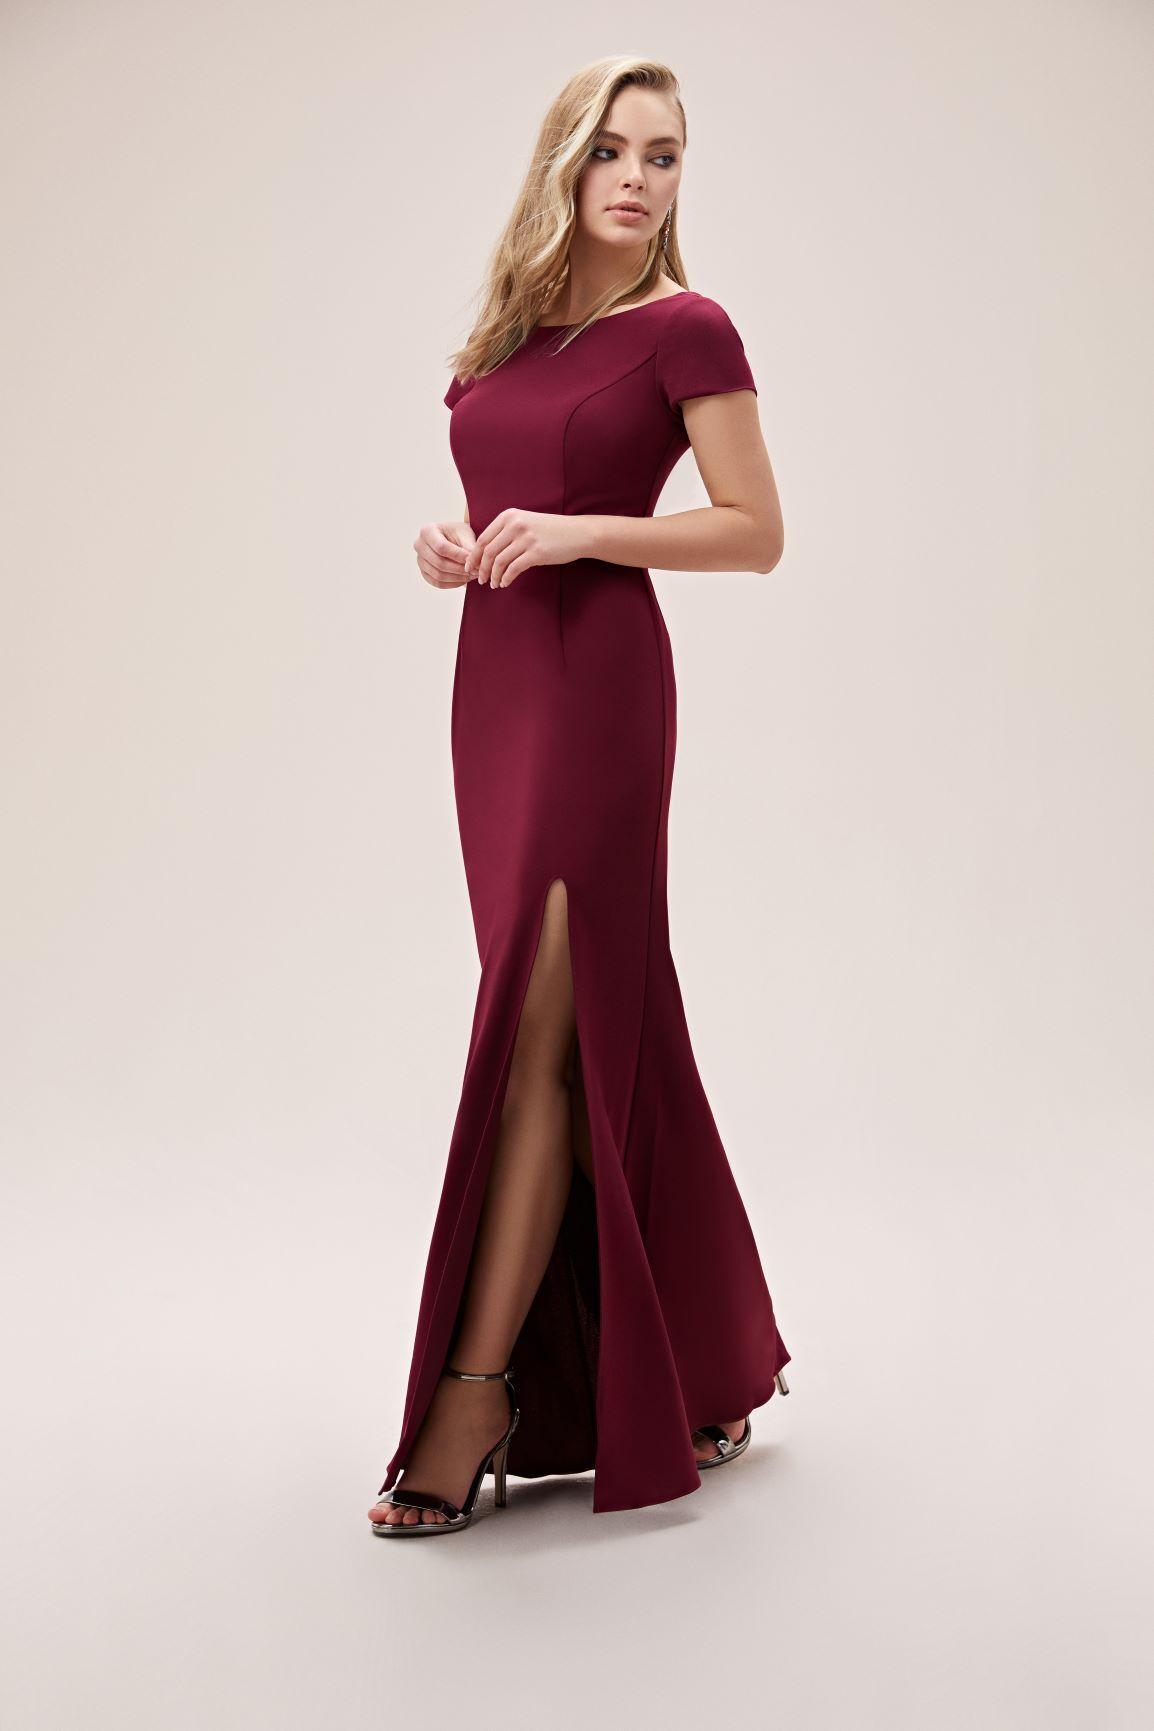 Bordo Kısa Kollu Yırtmaçlı Krep Uzun Elbise - Thumbnail